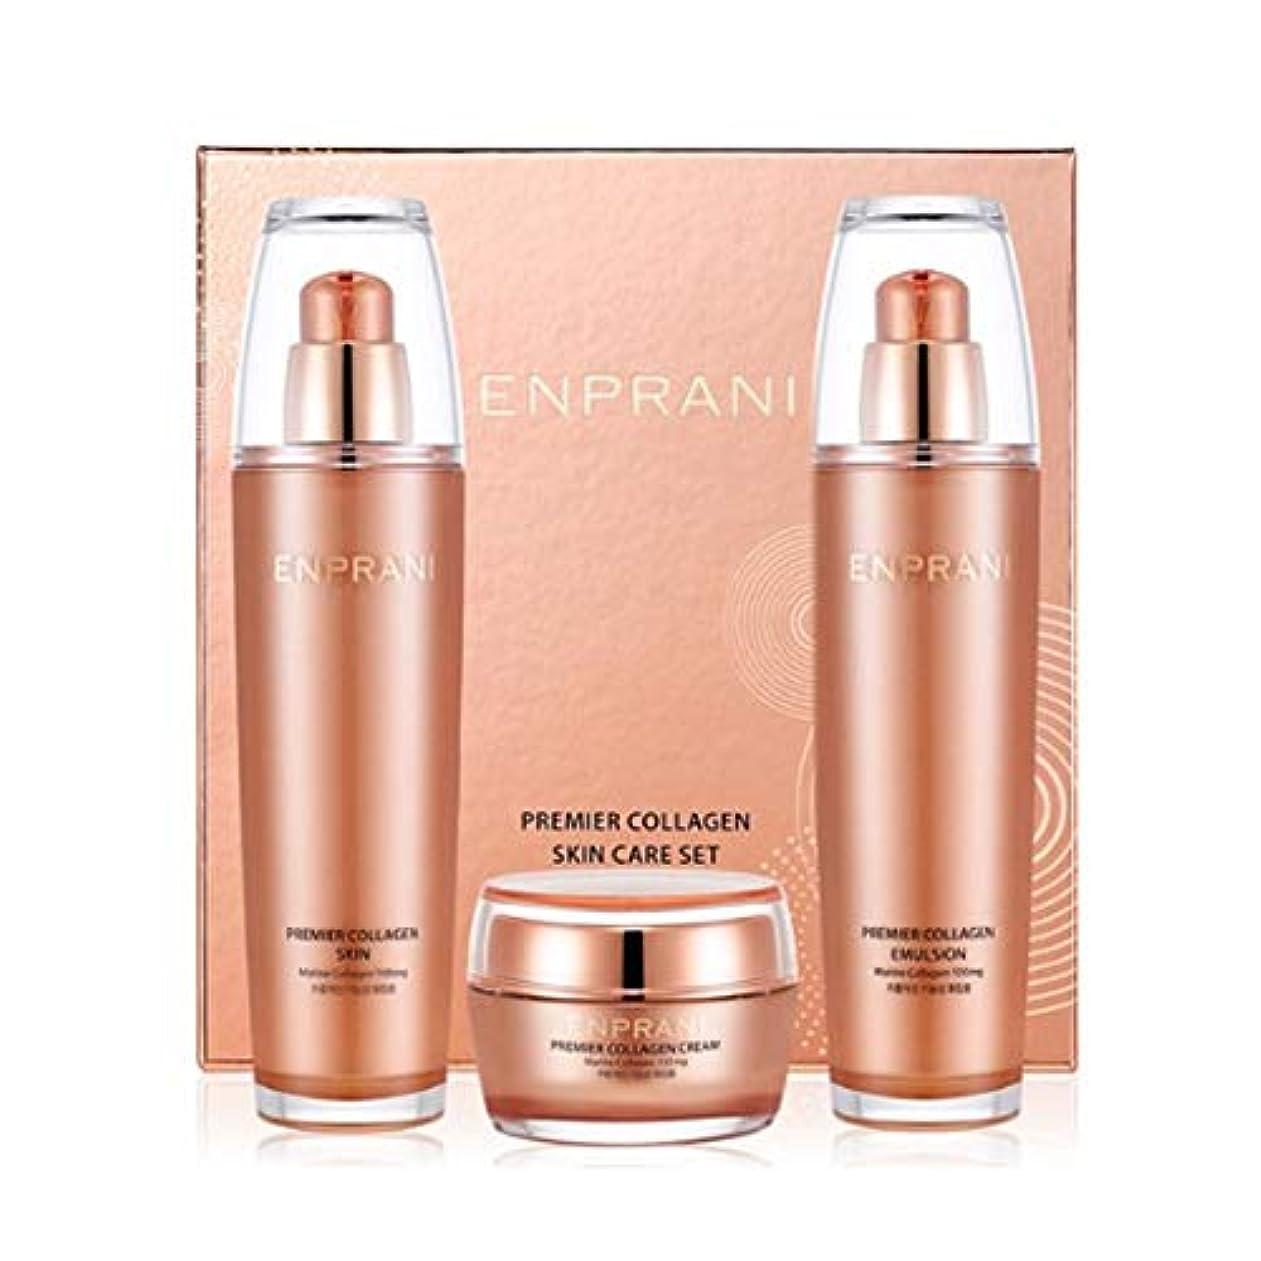 契約負指定するエンプラニ?プレミアコラーゲンセット(スキン125ml、エマルジョン125ml、クリーム50ml)、Enprani Premier Collagen Set (Skin、Emulsion、Cream) [並行輸入品]